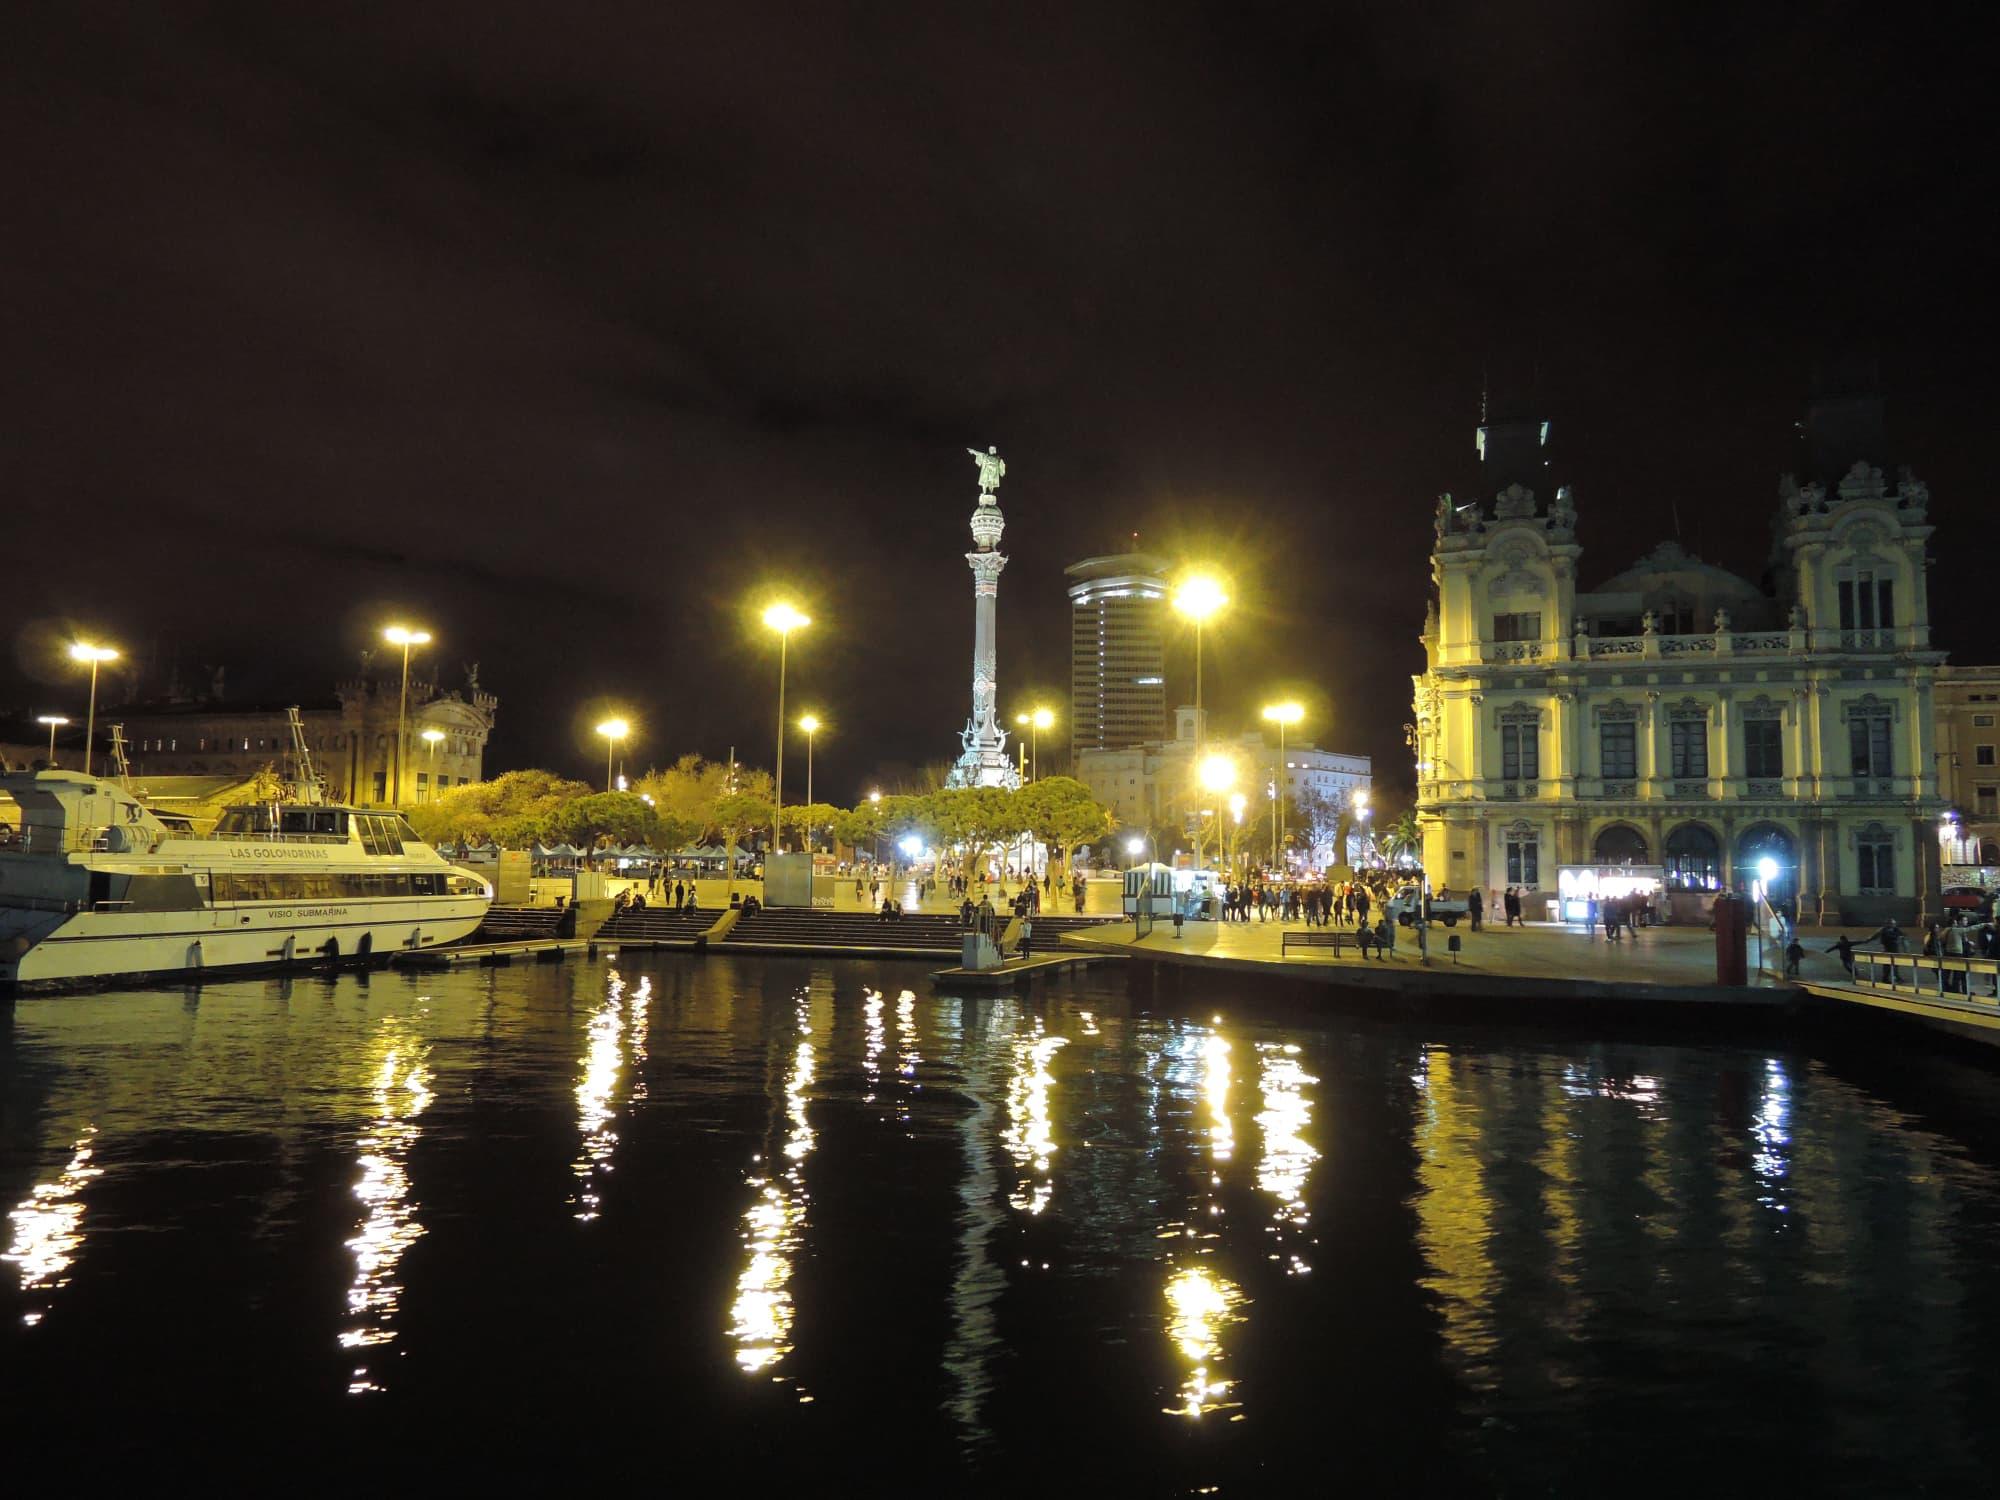 Mirador de Colom bei Nacht